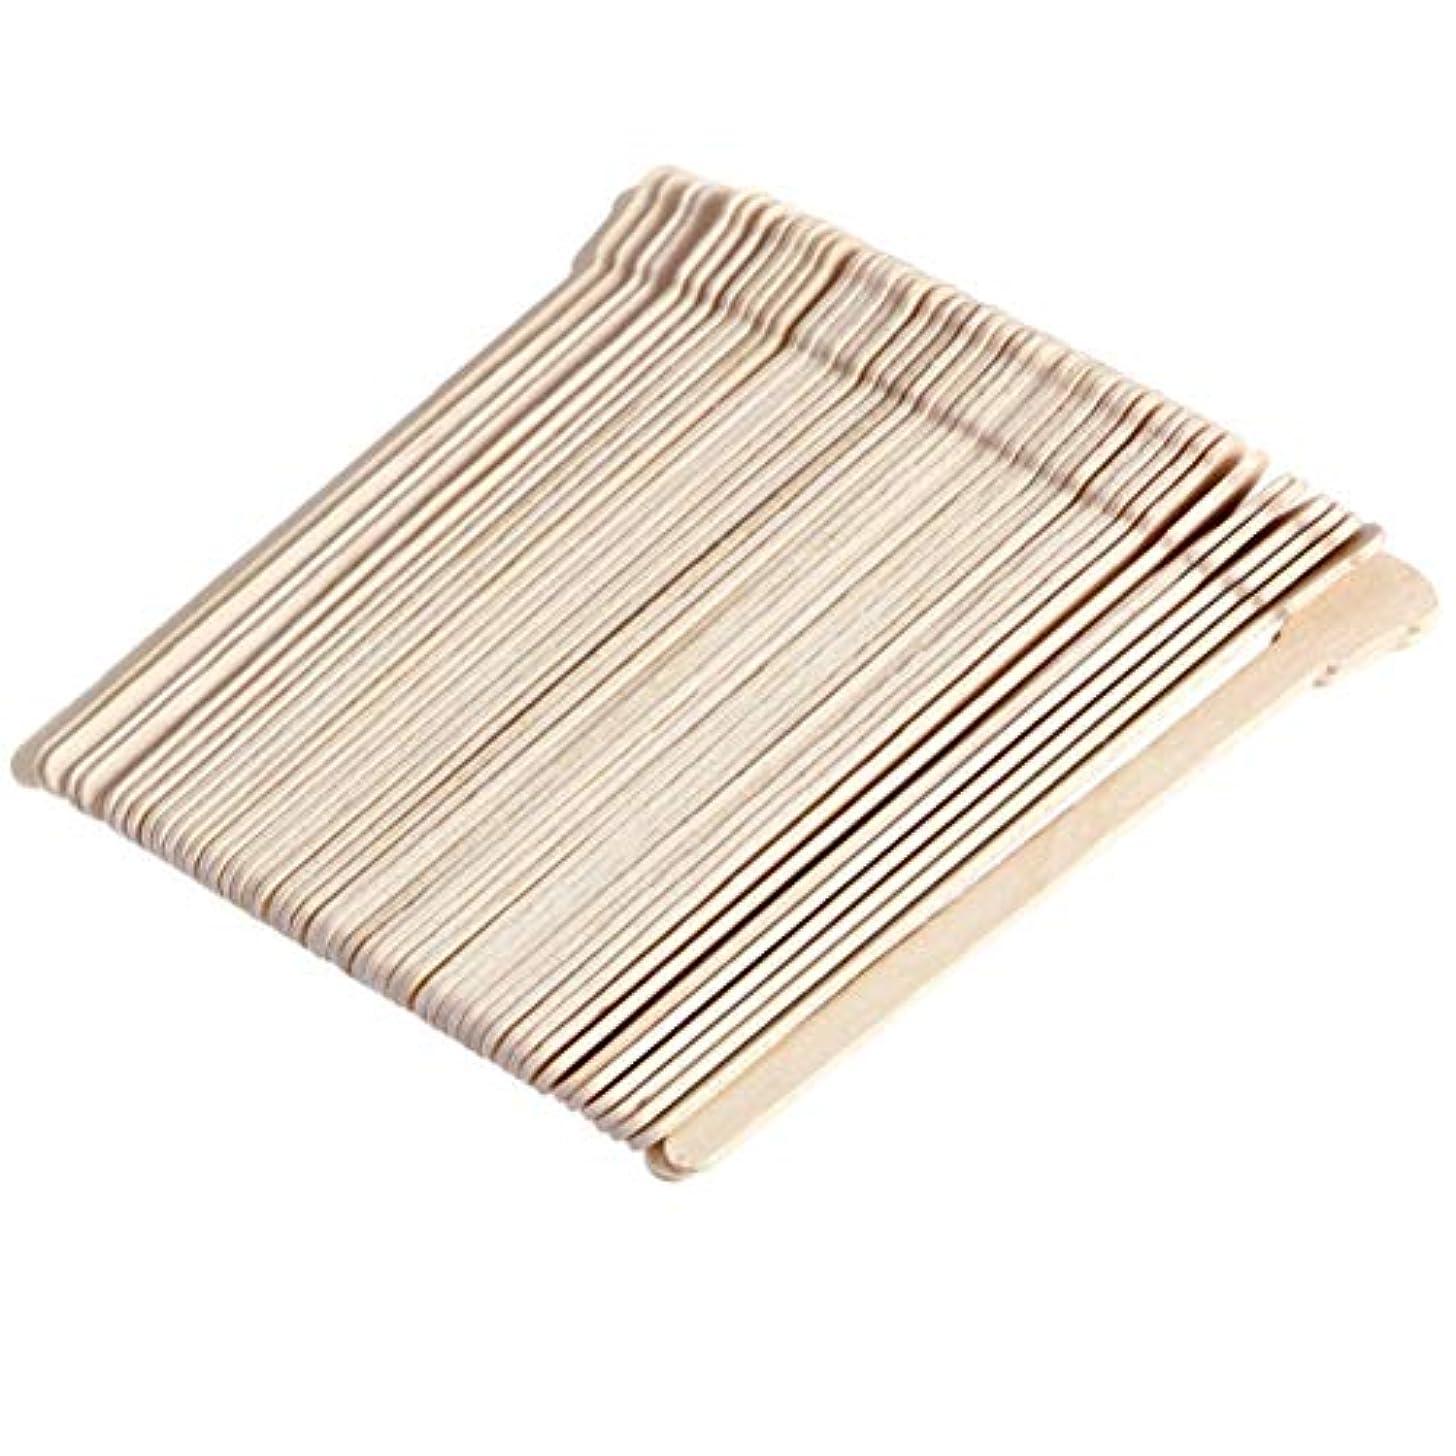 豚仕事アスレチックHealifty ワックスヘラ使い捨てワックススティック500本(オリジナル木製)